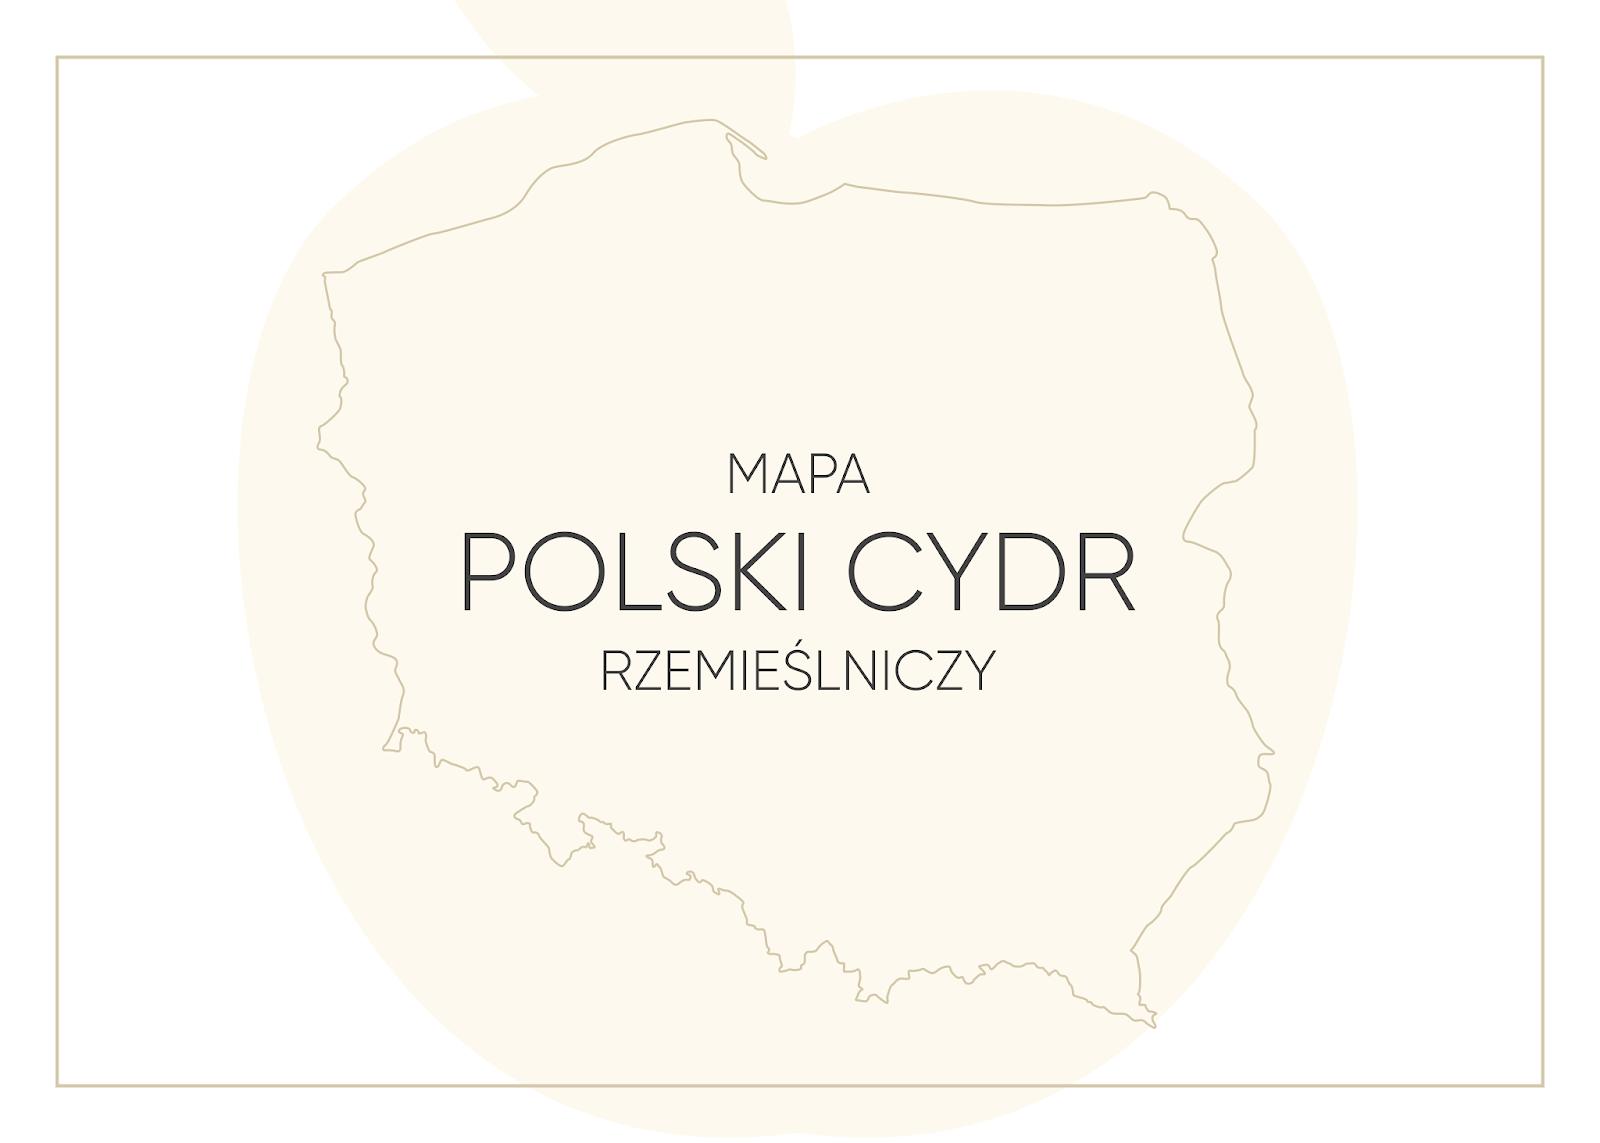 Mapa - Polski Cydr rzemieślniczy